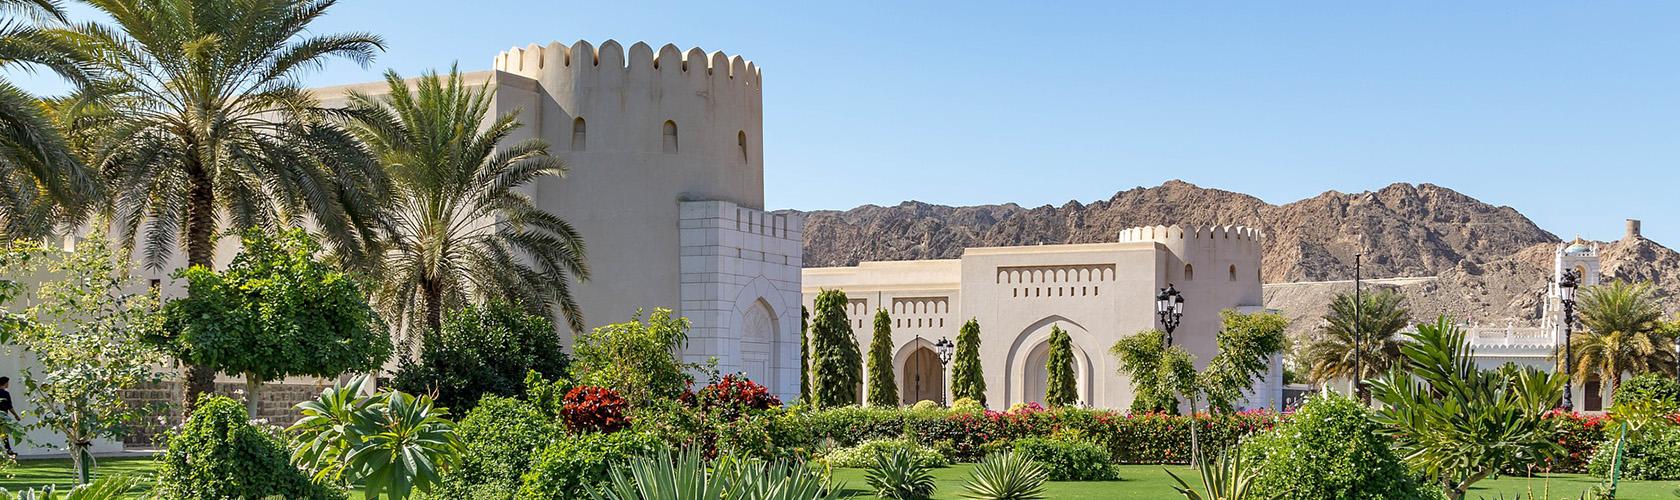 Visumregels voor Oman aangepast